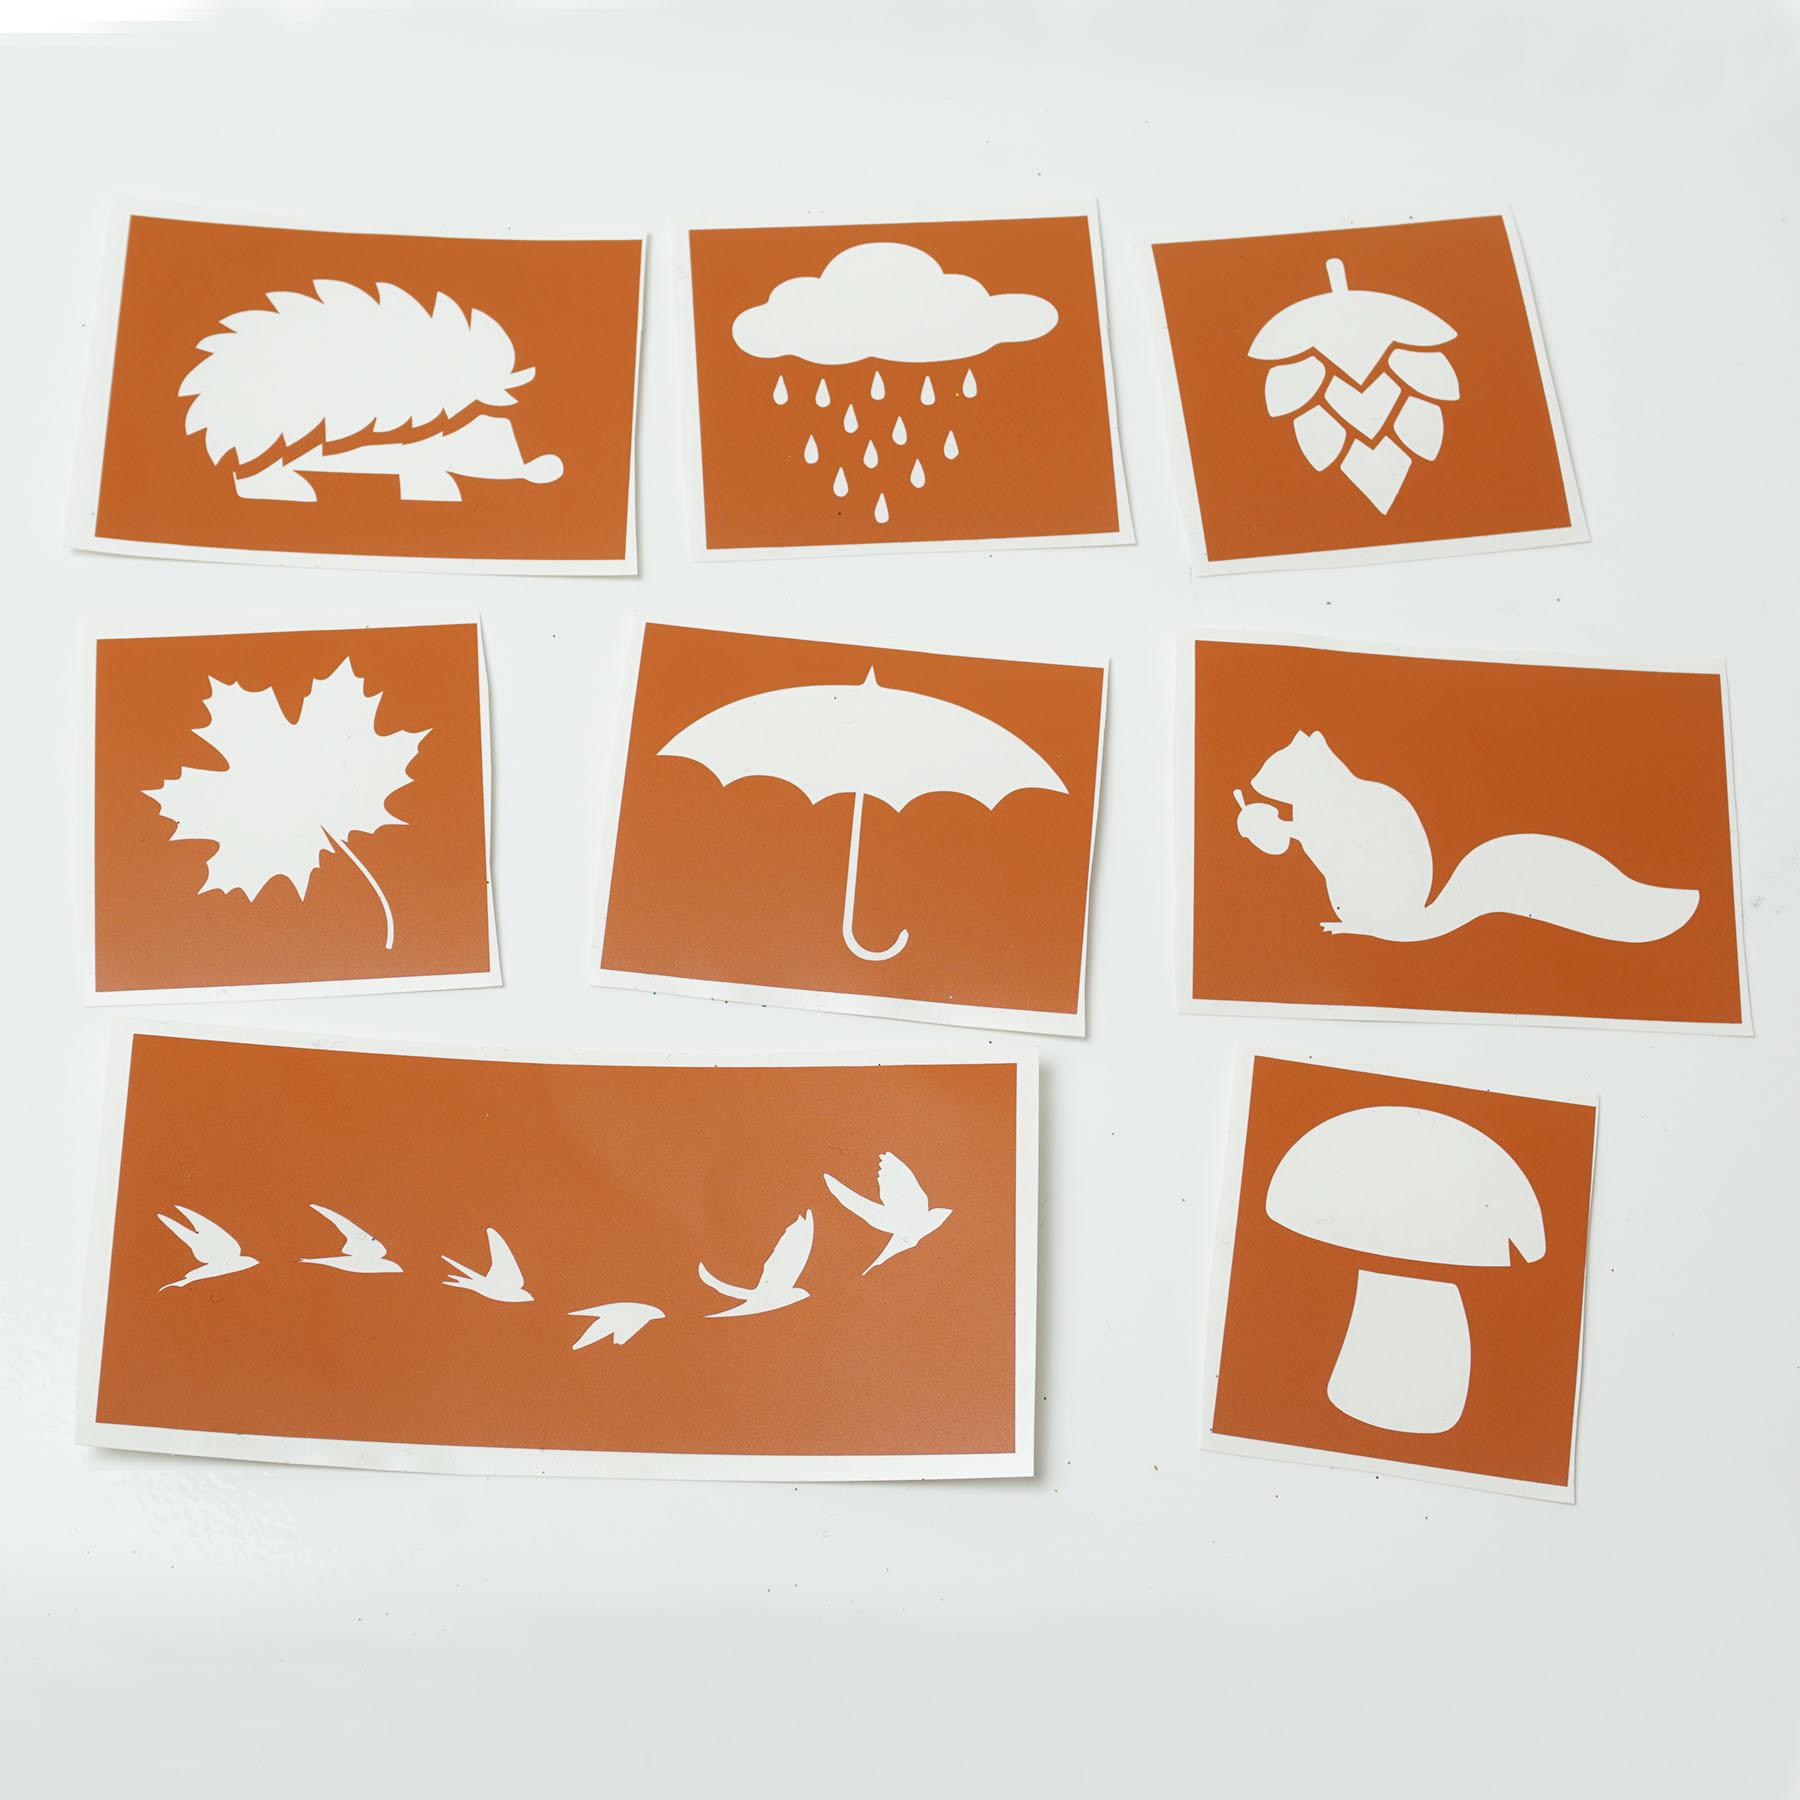 Tattoo Schablonen SET Kinder Herbst/Autumn/Fall (8 Schablonen) Selbstklebend Kinder schminken Airbru